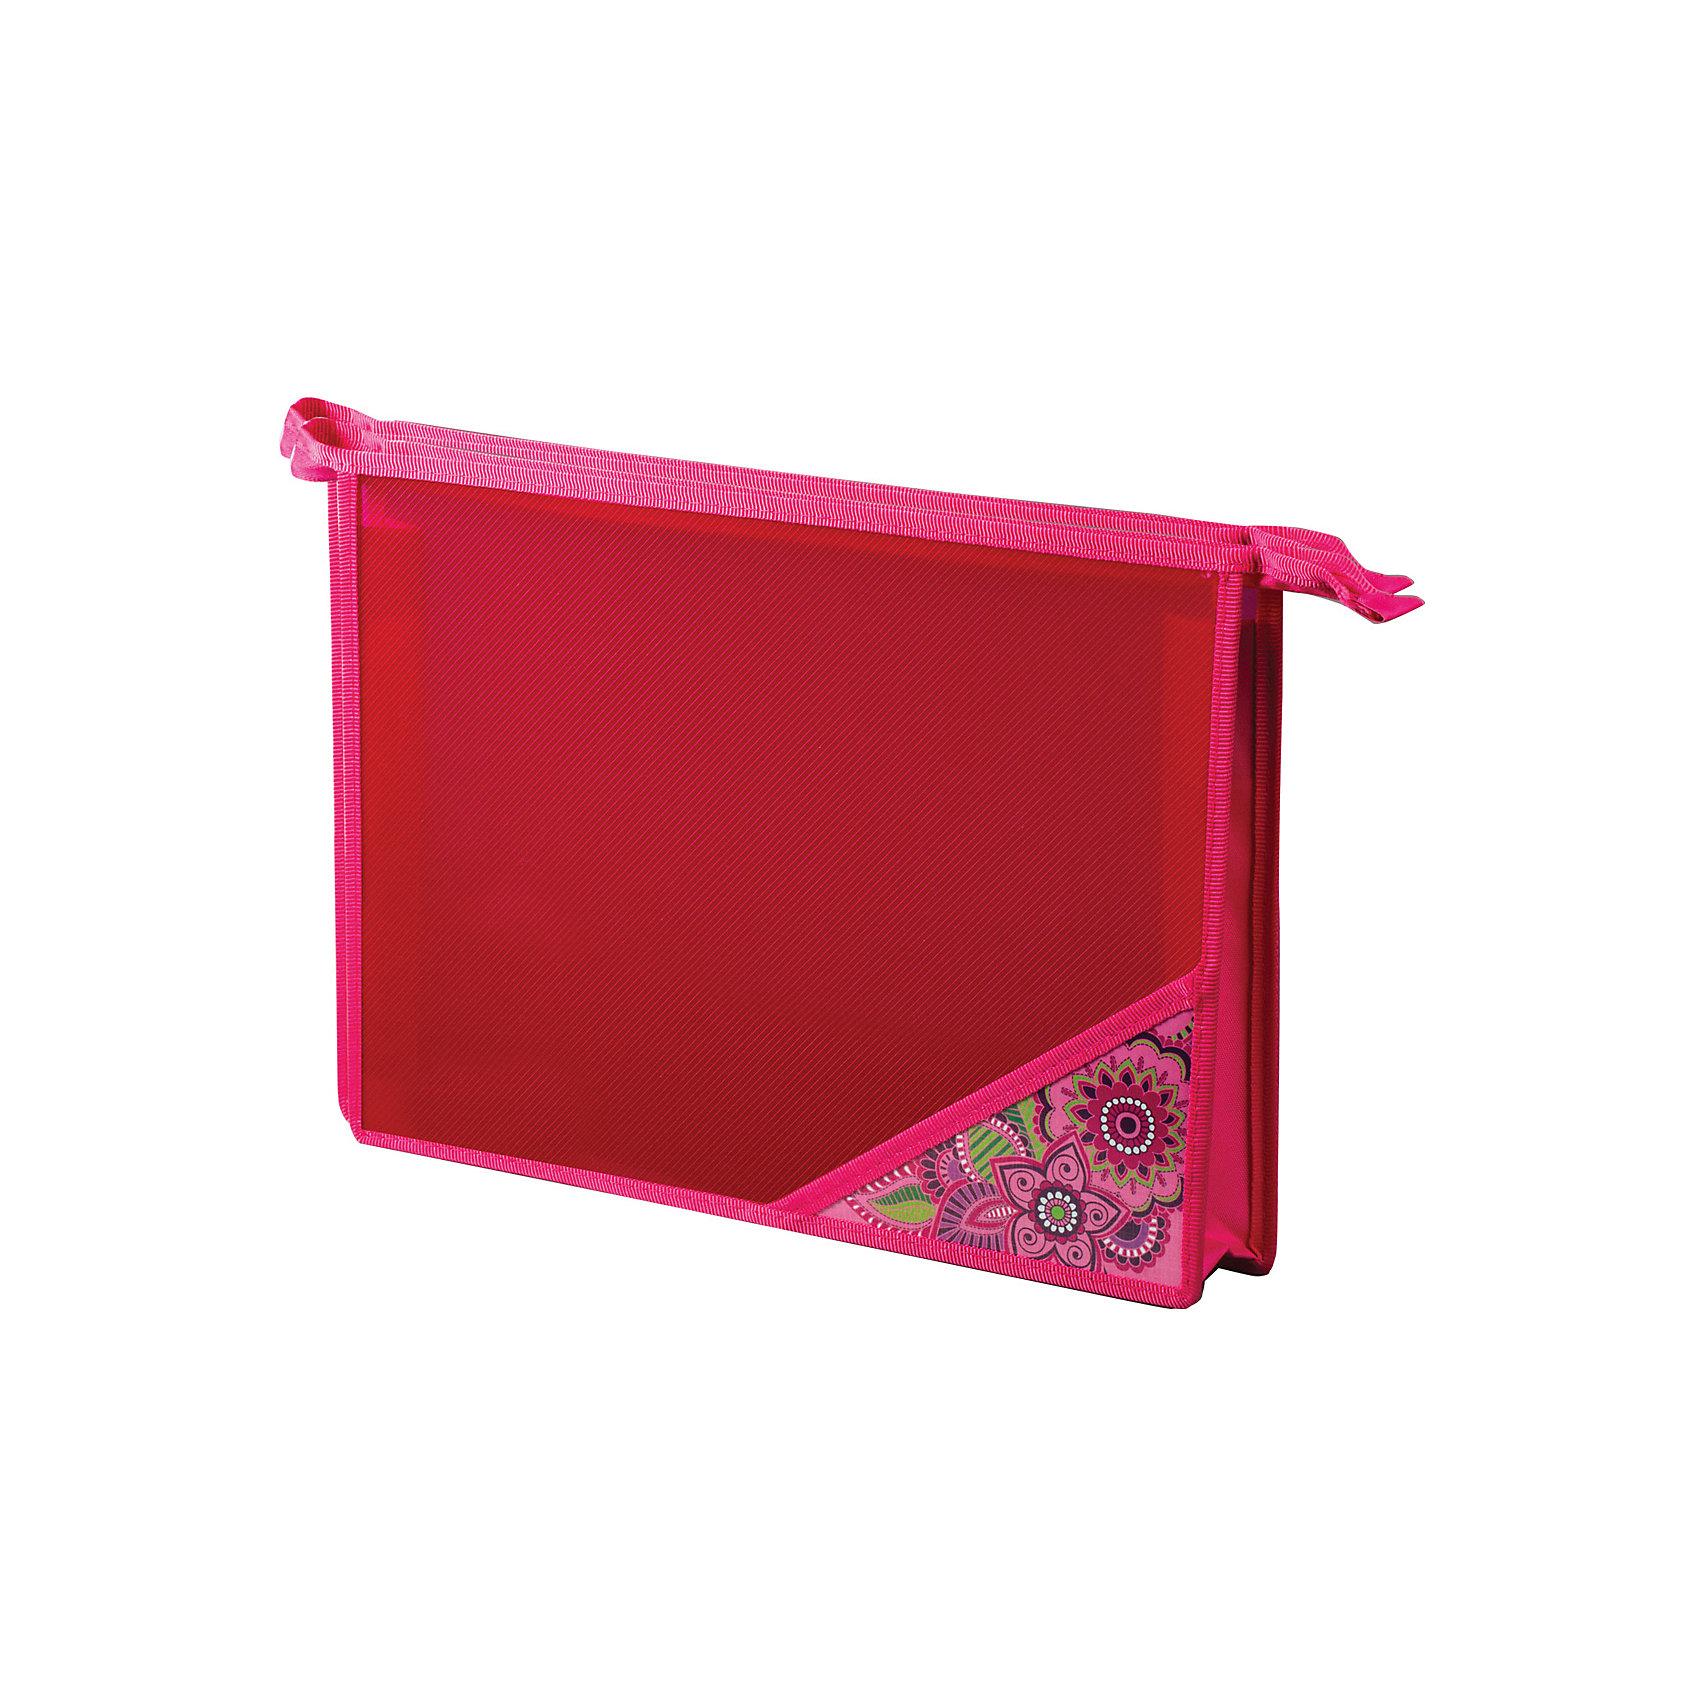 Папка для тетрадей Brauberg МечтаПапки для тетрадей<br>Папка для тетрадей предназначена для девочек 7-10 лет. Выполнена в нежно-розовой гамме. Изготовлена из прочного пластика и декорирована уголком с цветочными принтами. Обязательно придется по вкусу маленьким модницам.•Формат А4 (330х230 мм). •1 отделение. •Застежка-молния по верхнему краю папки. •Материал папки - полипропилен. •Материал уголка - ламинированный картон.<br><br>Ширина мм: 390<br>Глубина мм: 230<br>Высота мм: 5<br>Вес г: 108<br>Возраст от месяцев: 72<br>Возраст до месяцев: 2147483647<br>Пол: Женский<br>Возраст: Детский<br>SKU: 6893812